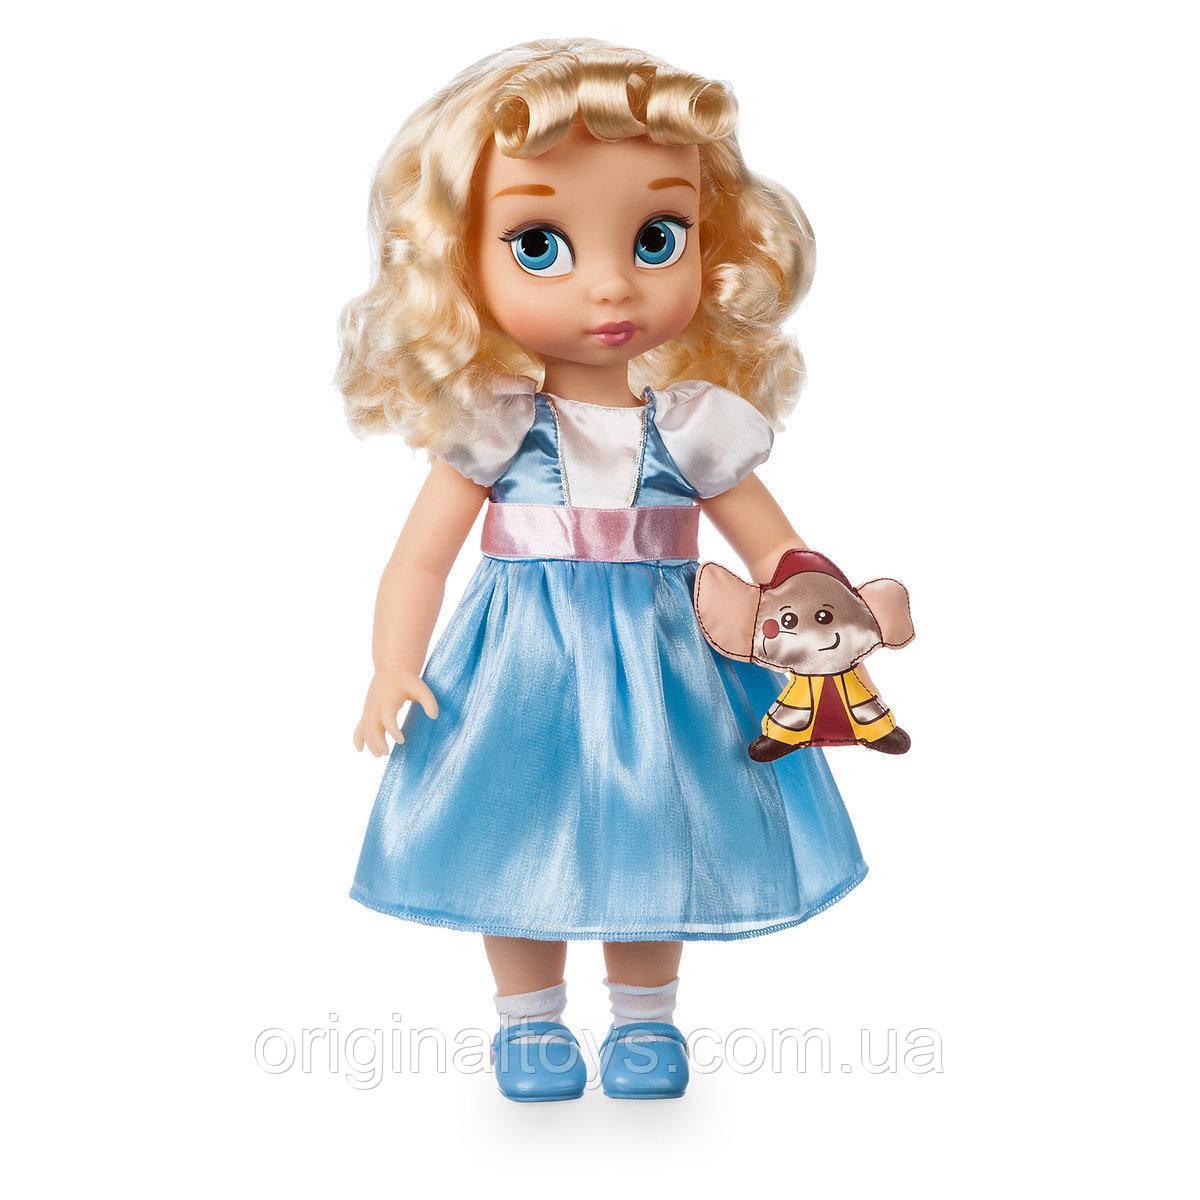 Кукла Малышка Золушка (Аниматорcкая коллекция) Дисней